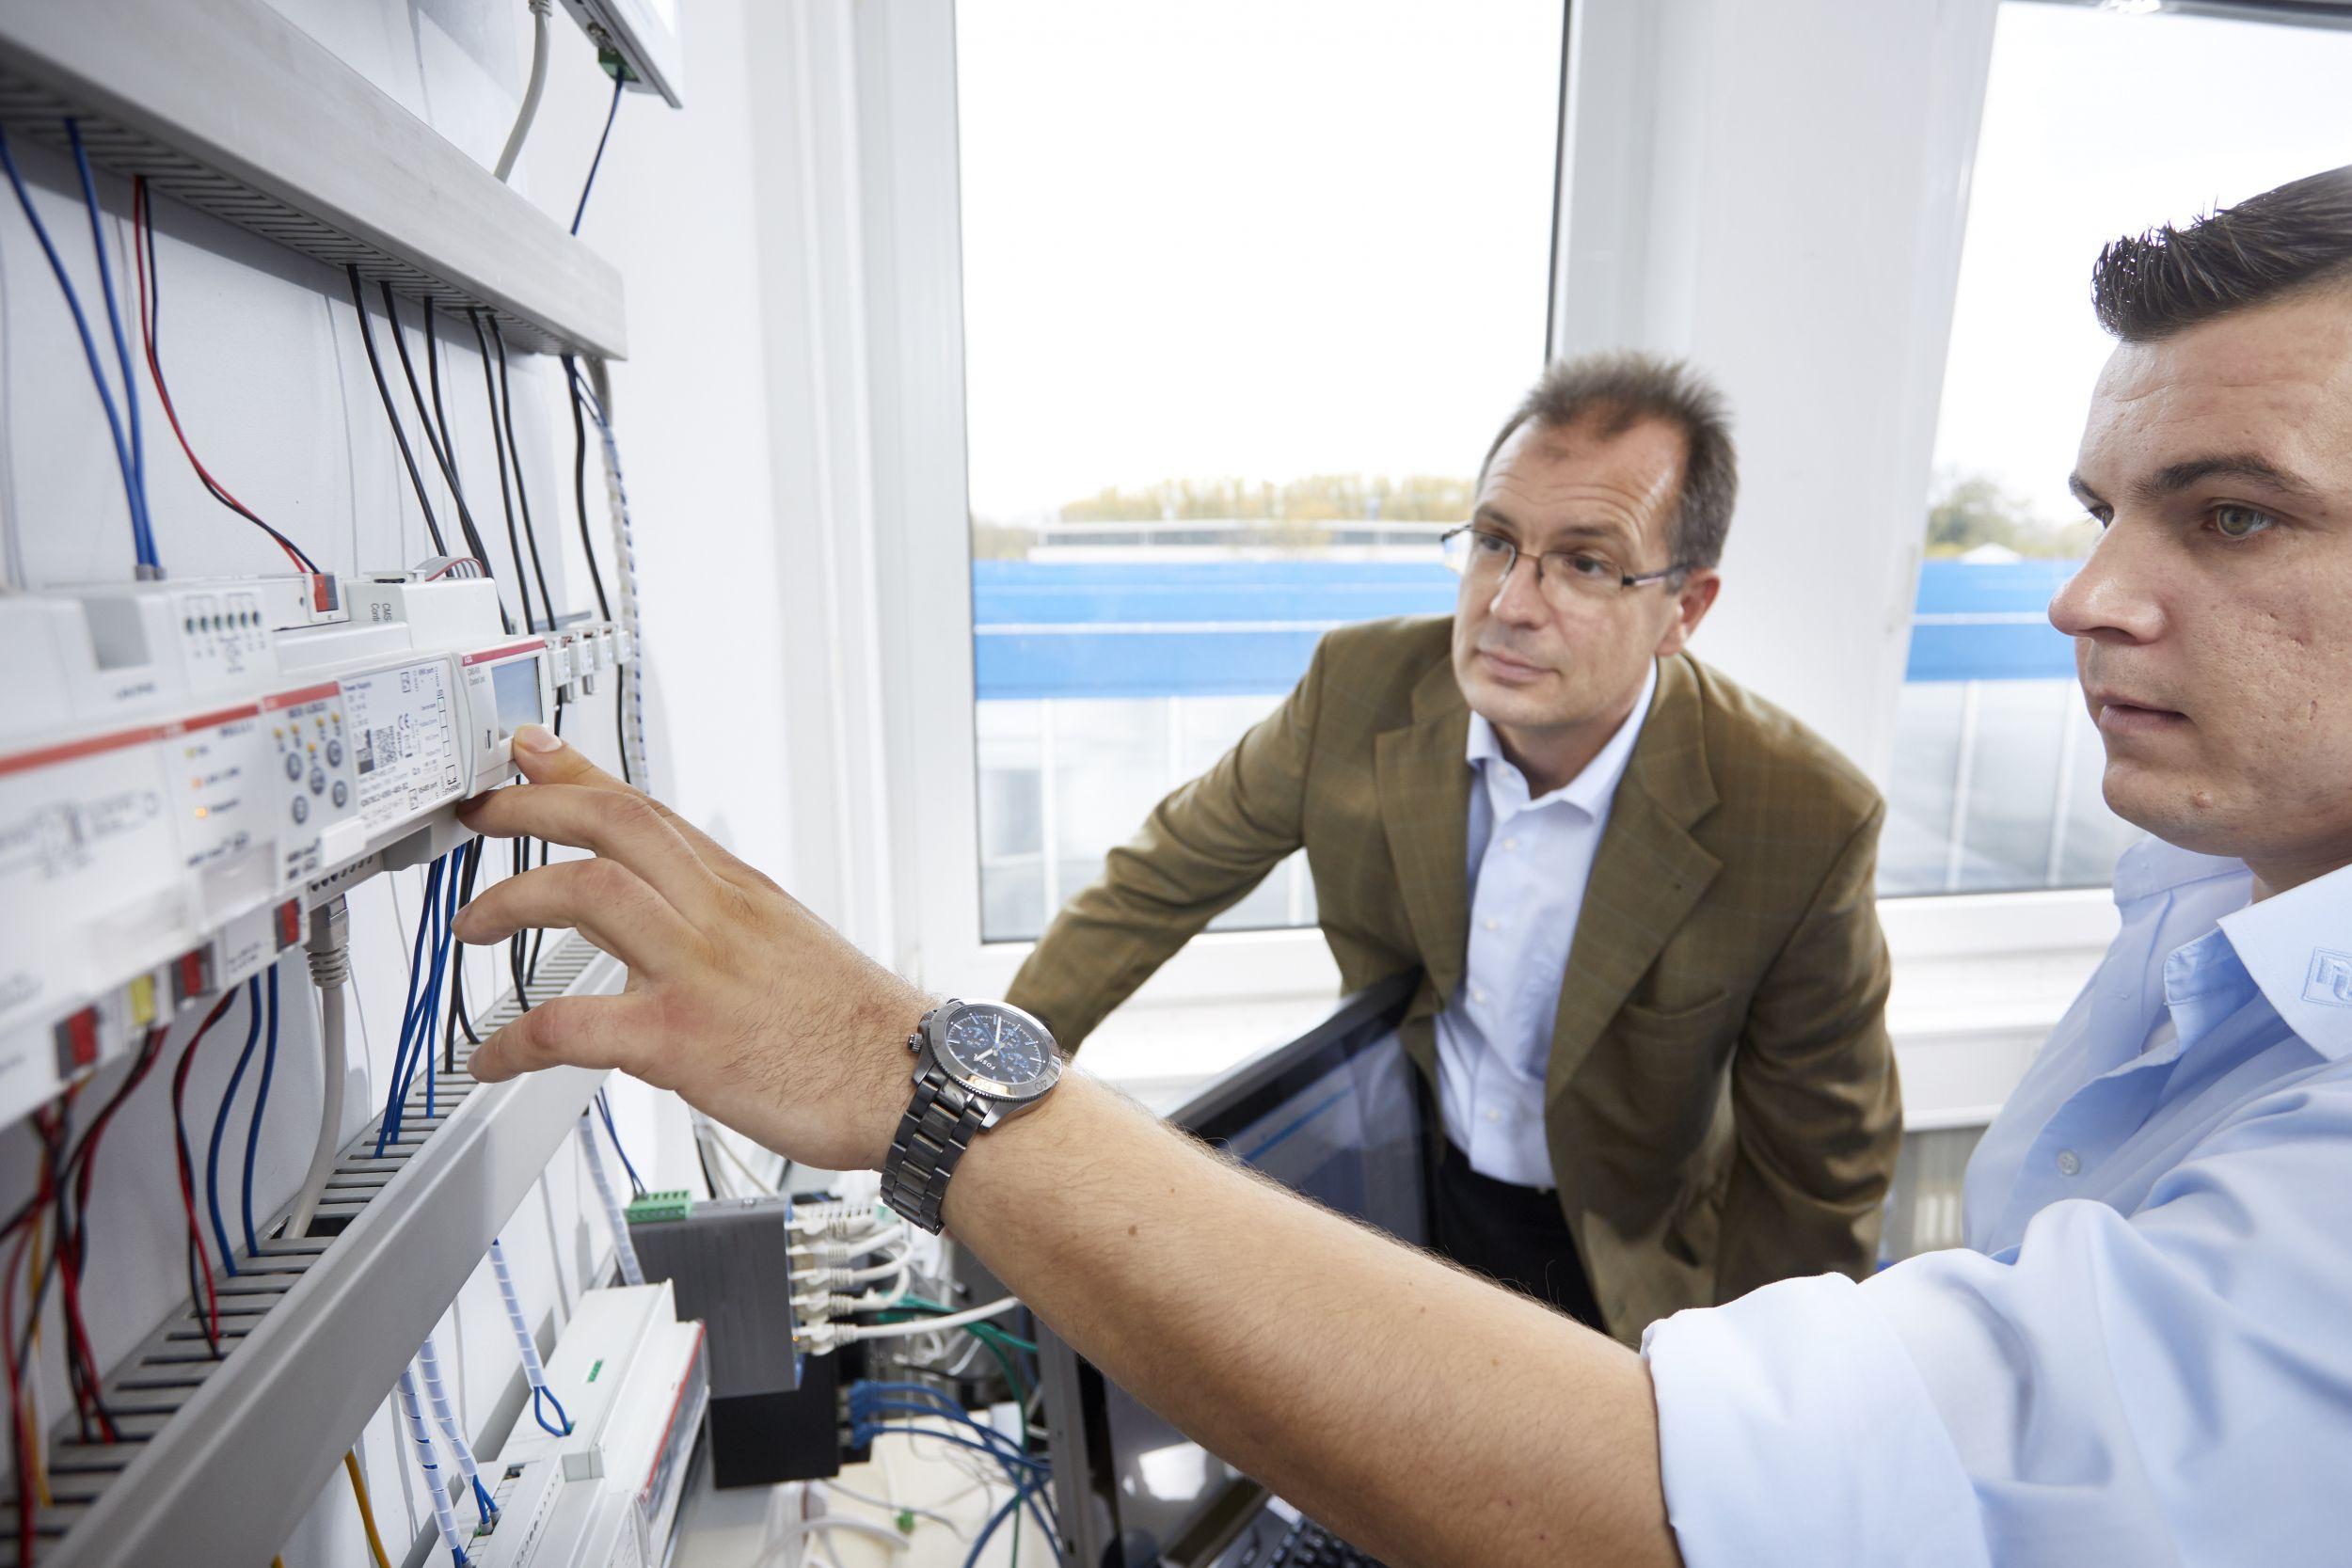 Frank Knappe, ABB (links), und Robert Wuschko, Wachendorff Prozesstechnik, testen das Zusammenspiel zwischen CMS und KNX. (Bild: Axel Heiter)